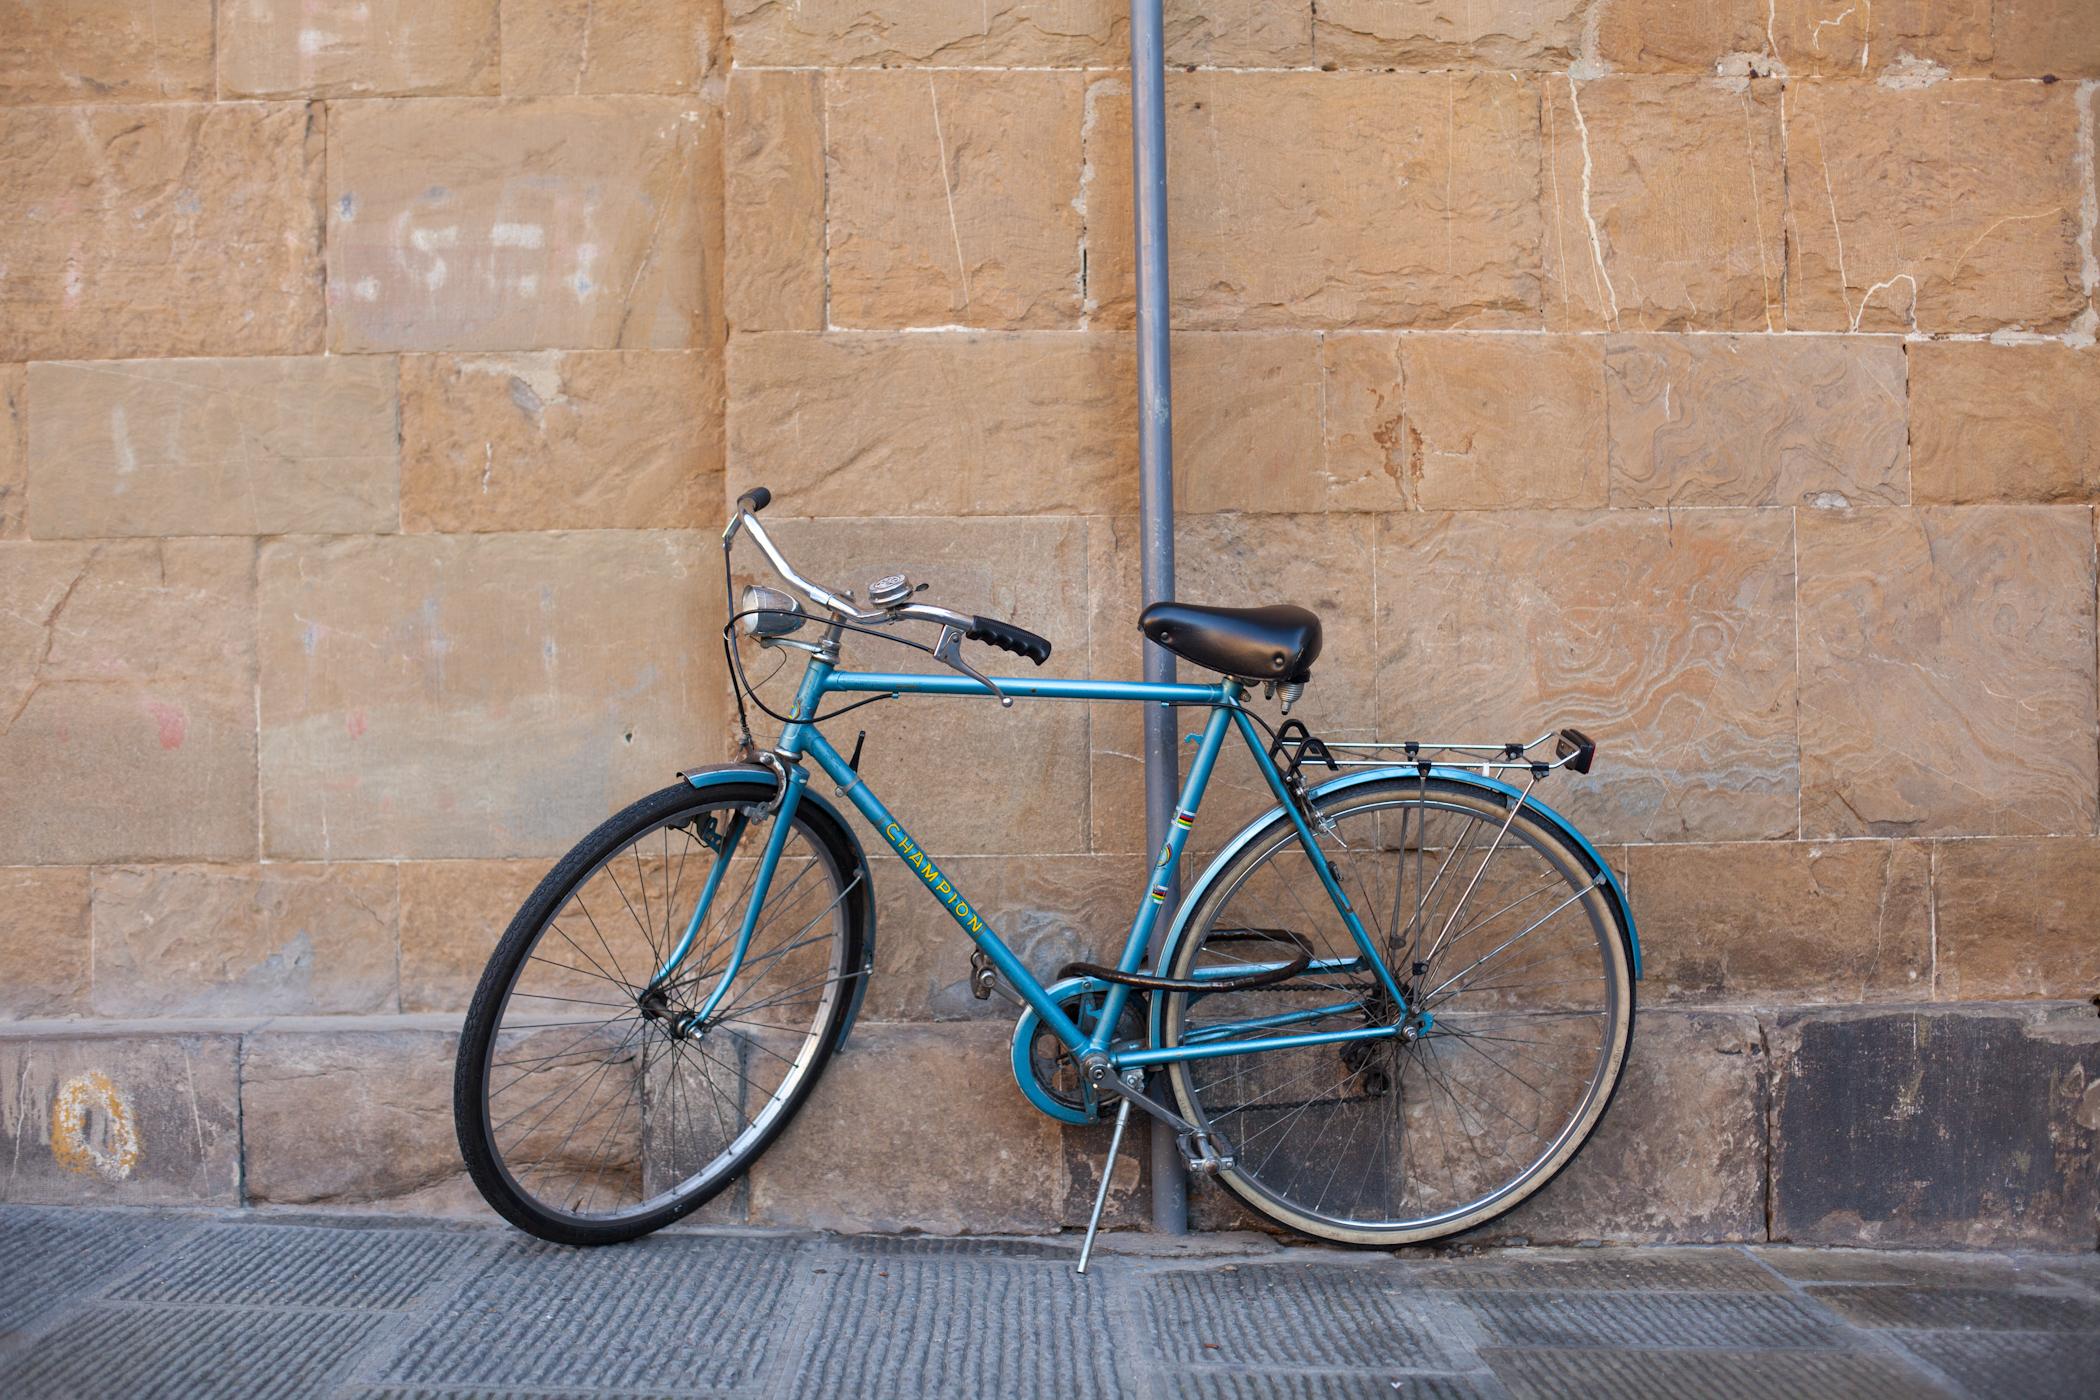 palermo bicicletti di firenze jan15-13.jpg